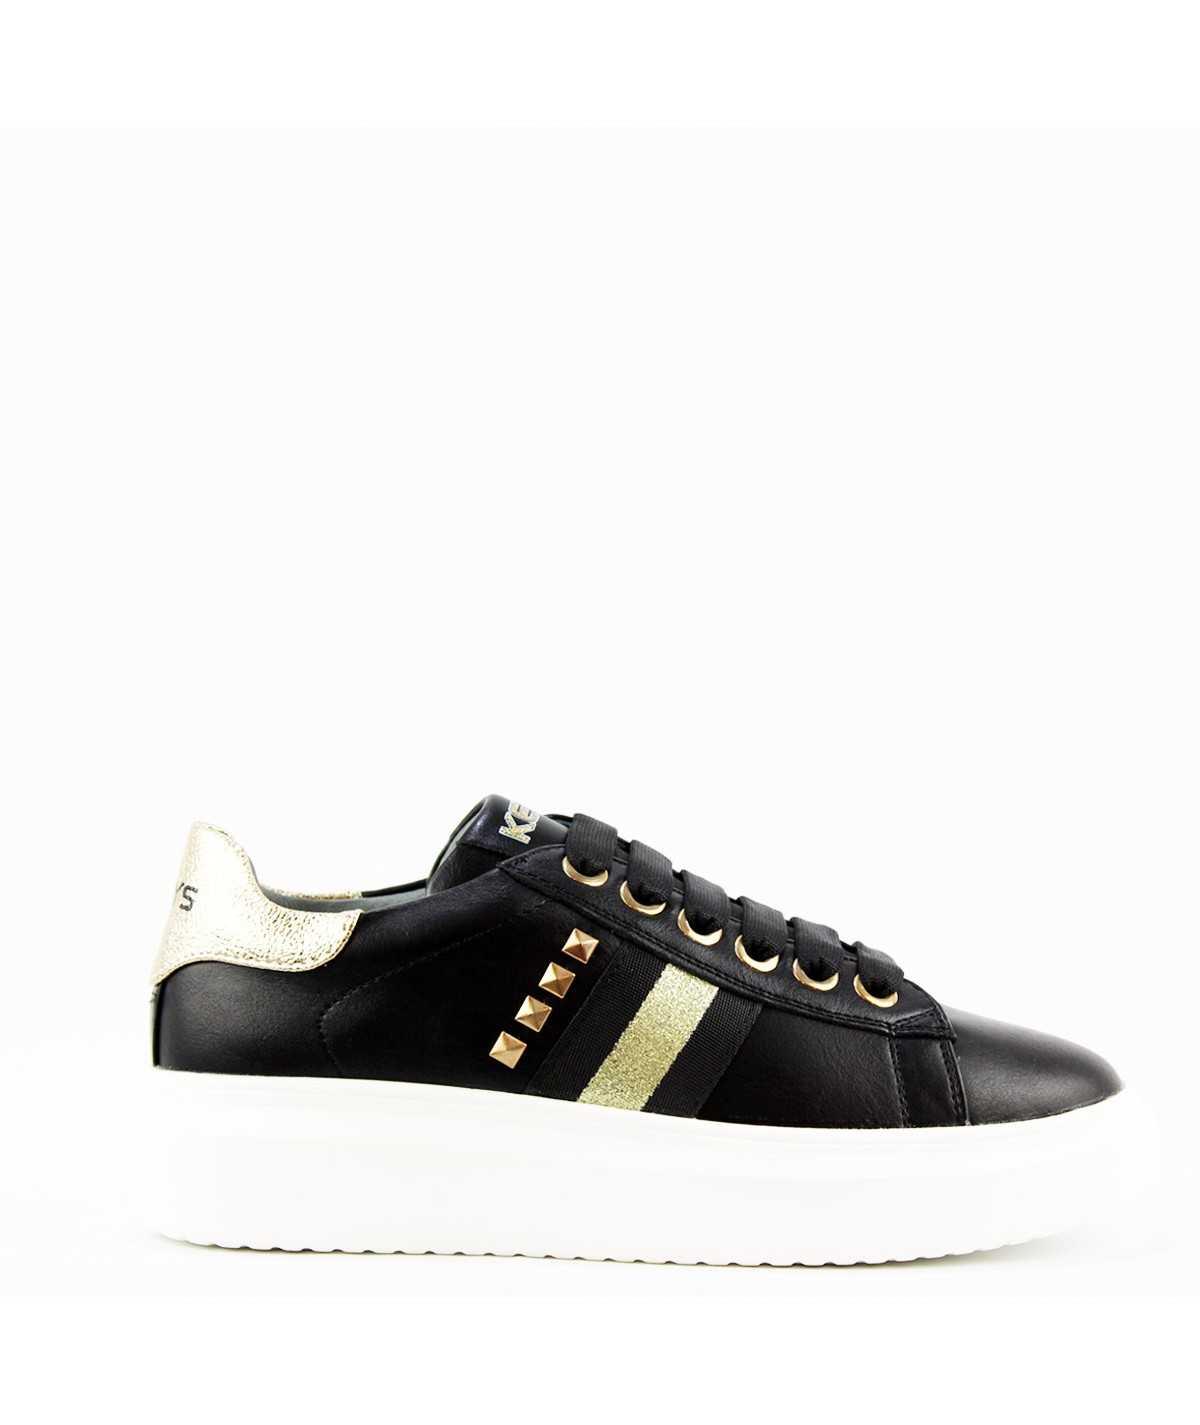 KEYS Sneakers